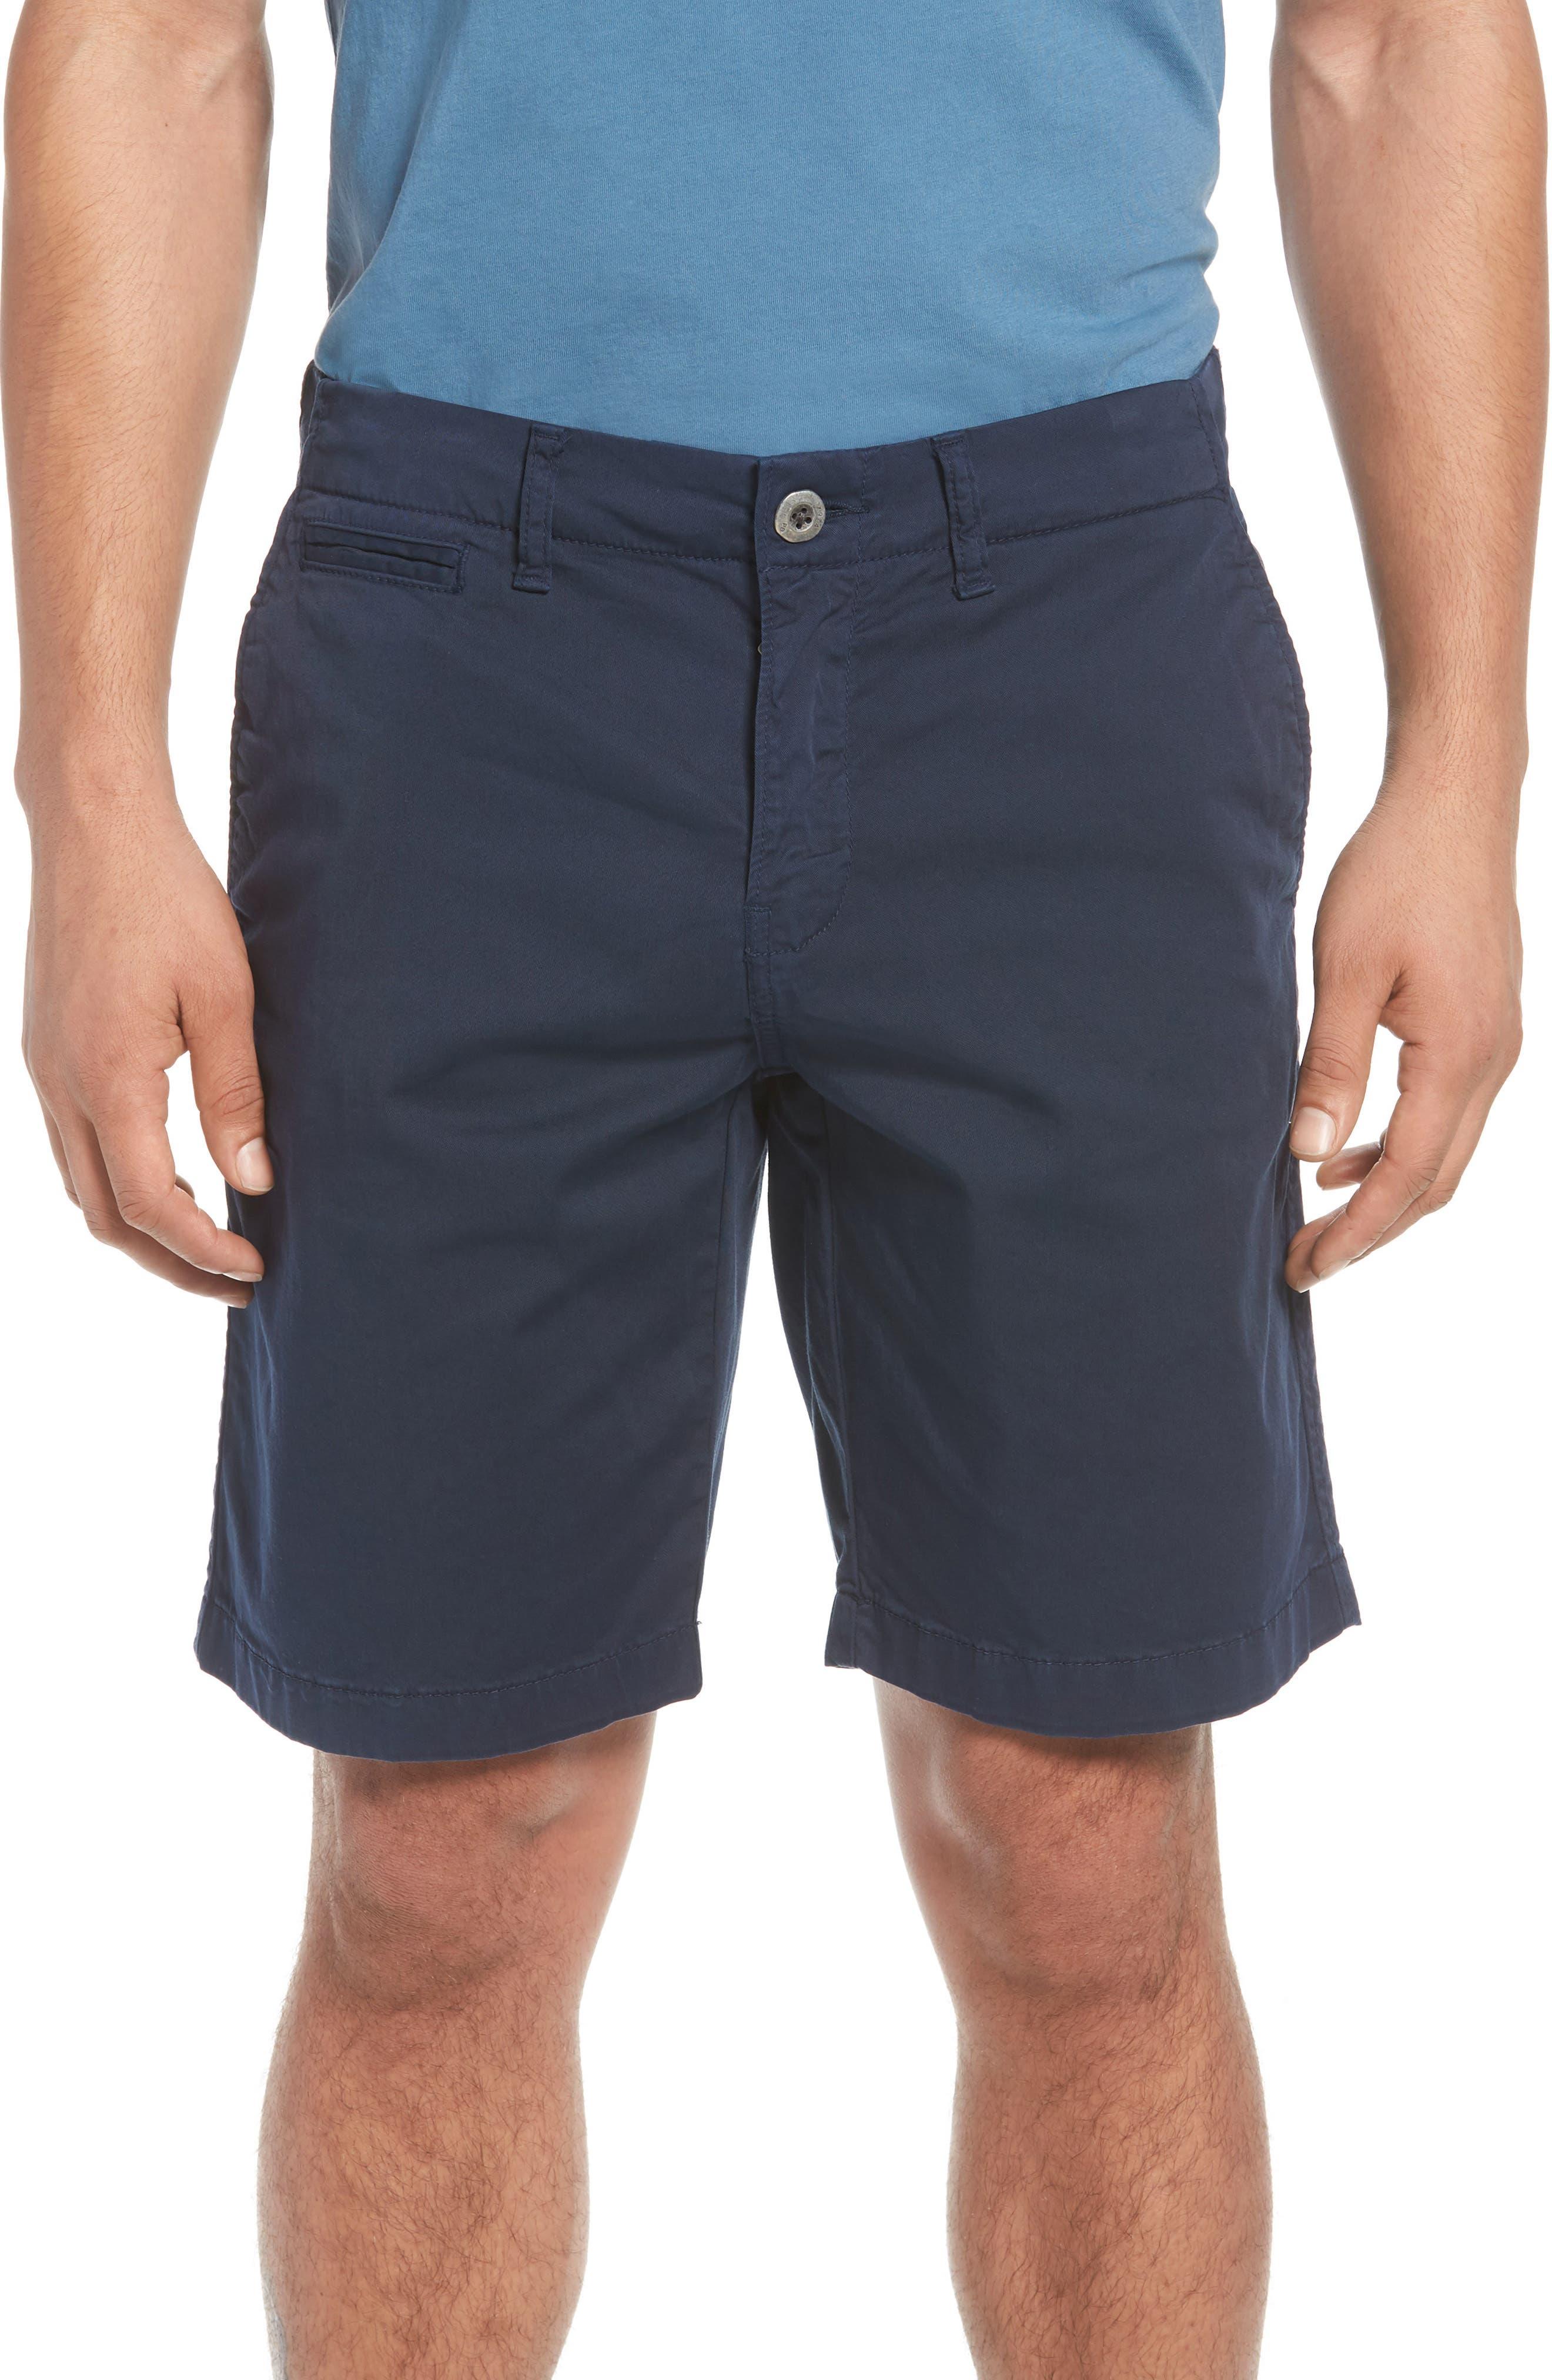 St. Barts Twill Shorts,                             Main thumbnail 9, color,